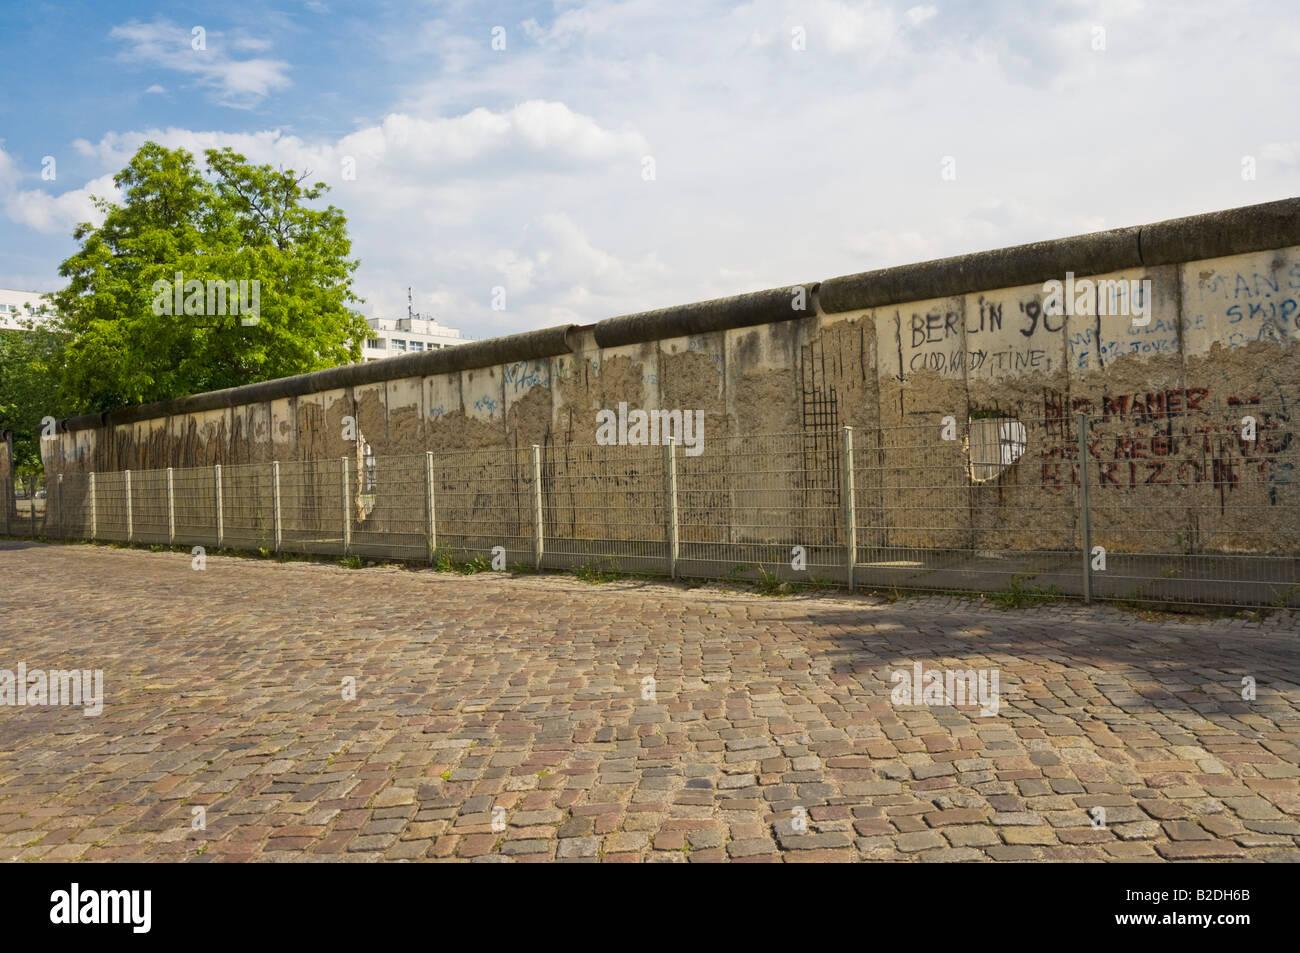 Los restos del muro de Berlín cerca de Checkpoint Charlie Niederkirchner strasse en el centro de la ciudad de Berlín Foto de stock